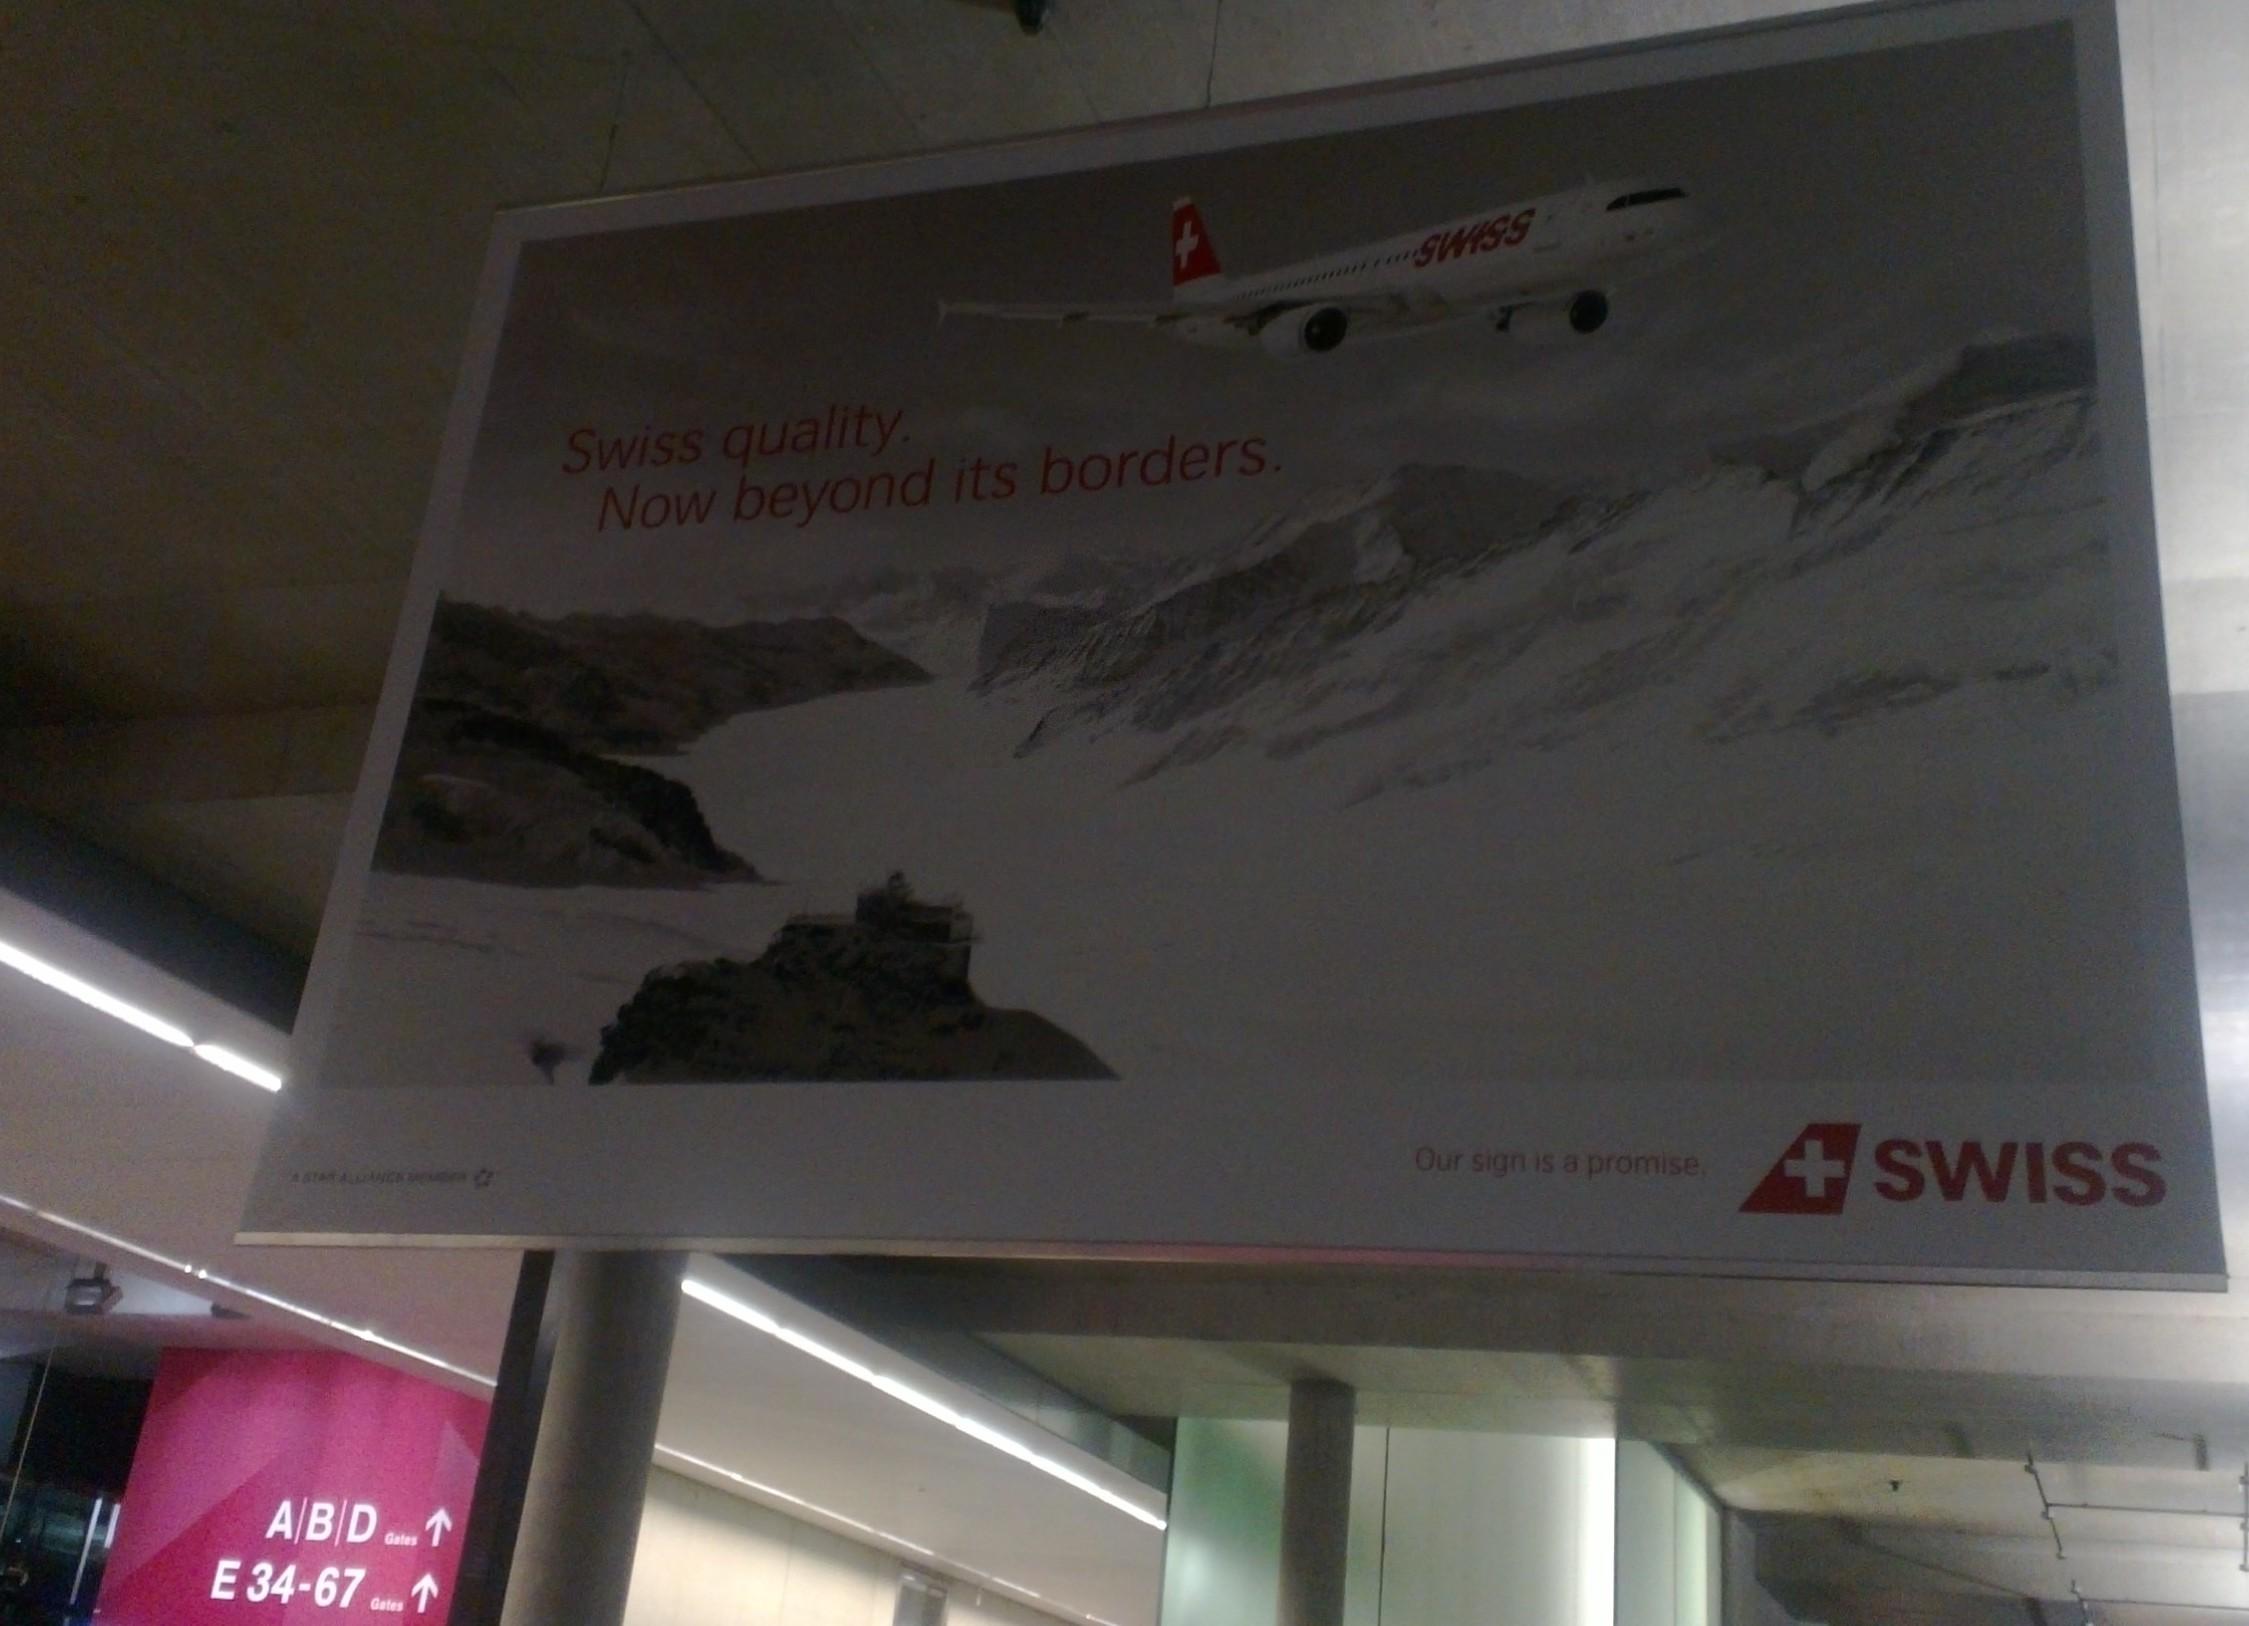 Swiss_ad_2013_zurich_airport